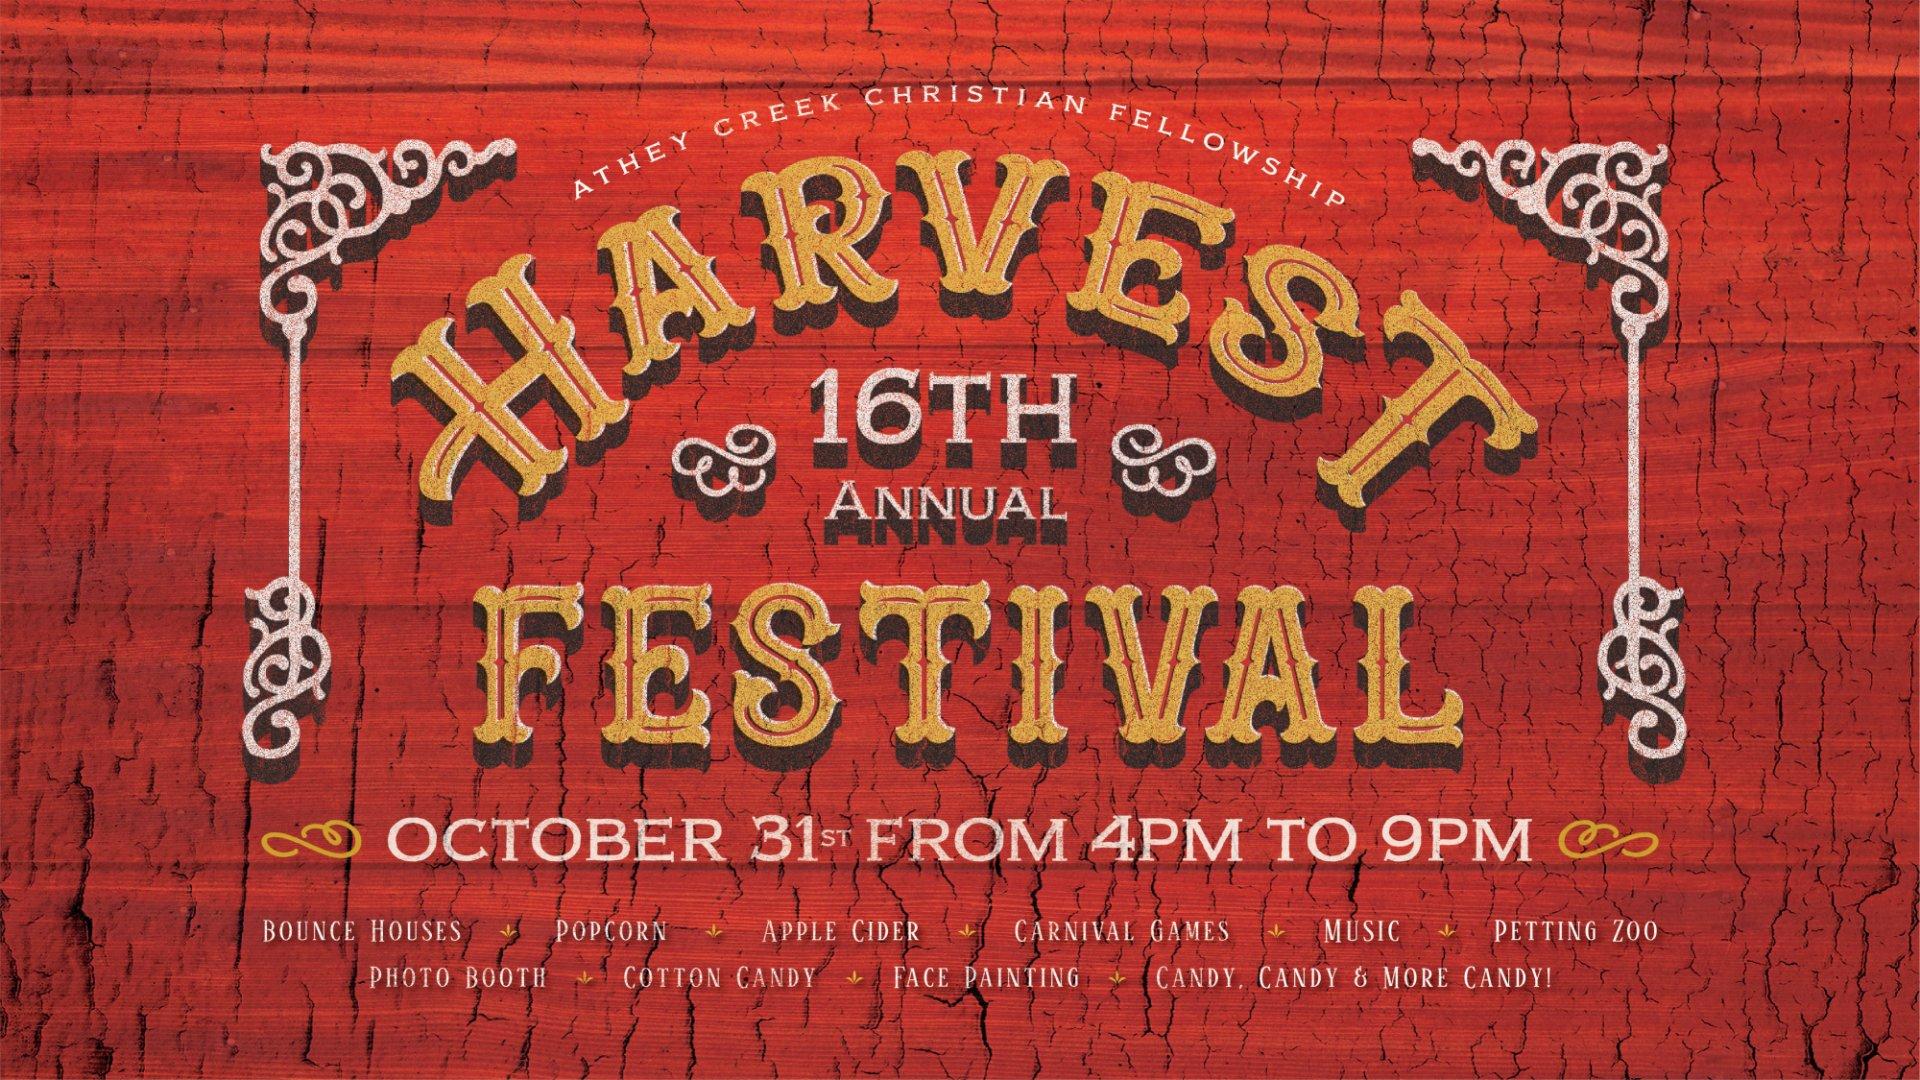 Poster for Harvest Festival